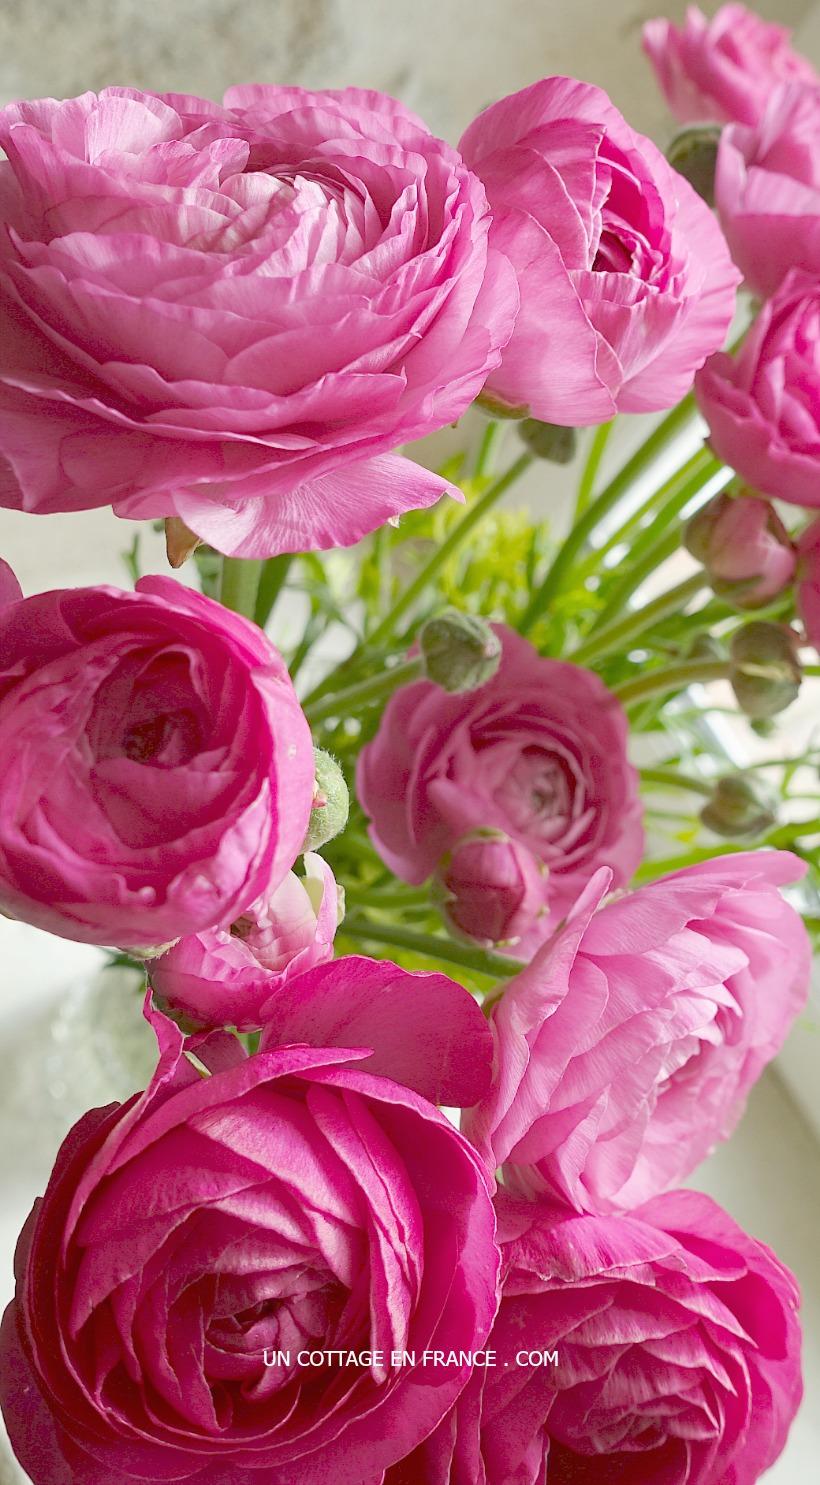 renoncules-roses-un-cottage-en-france